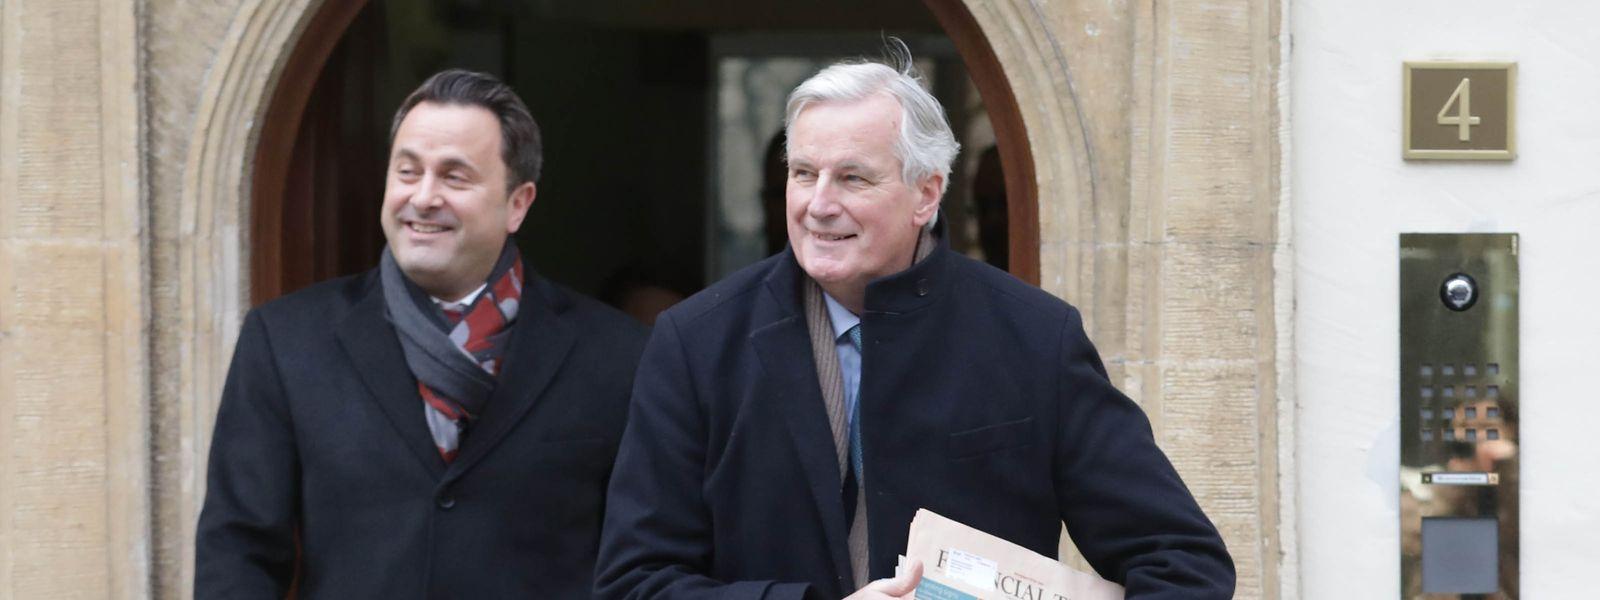 Xavier Bettel et Michel Barnier se sont entretenus ce lundi avant que le négociateur du Brexit pour l'UE ne rencontre, ce lundi soir à Bruxelles, Stephen Barclay, le ministre britannique chargé du Brexit.